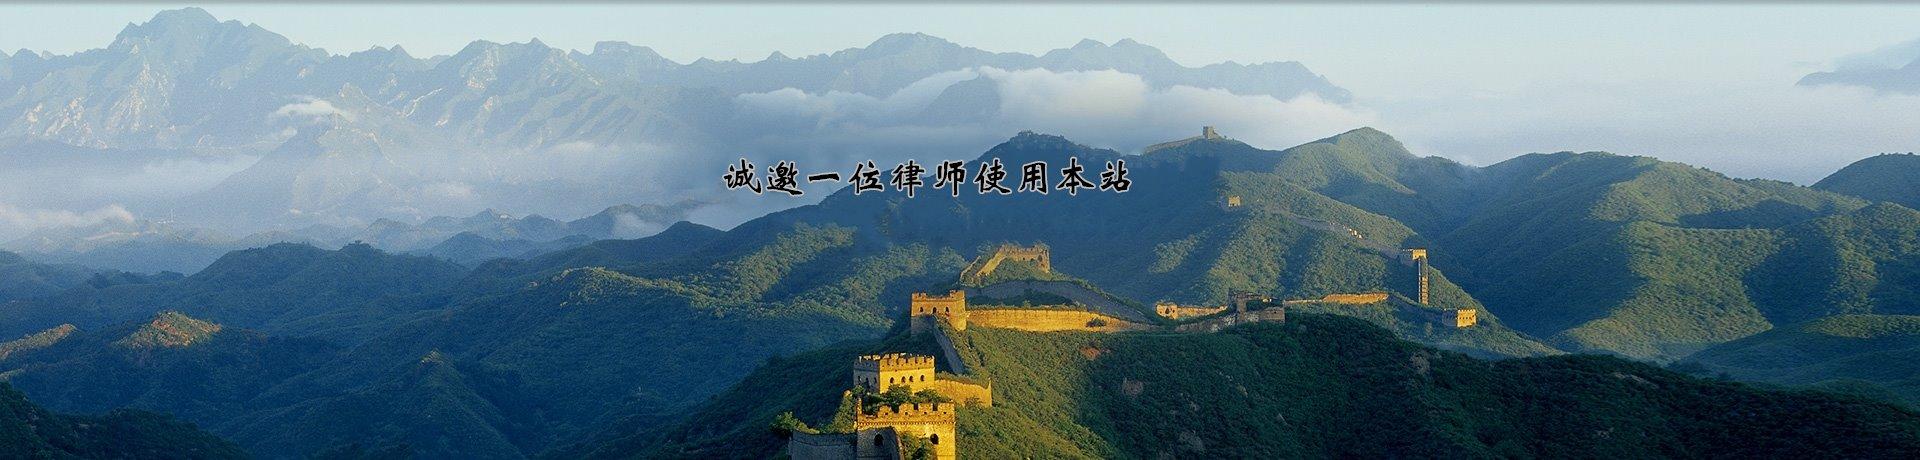 杭州毒品律师大图二